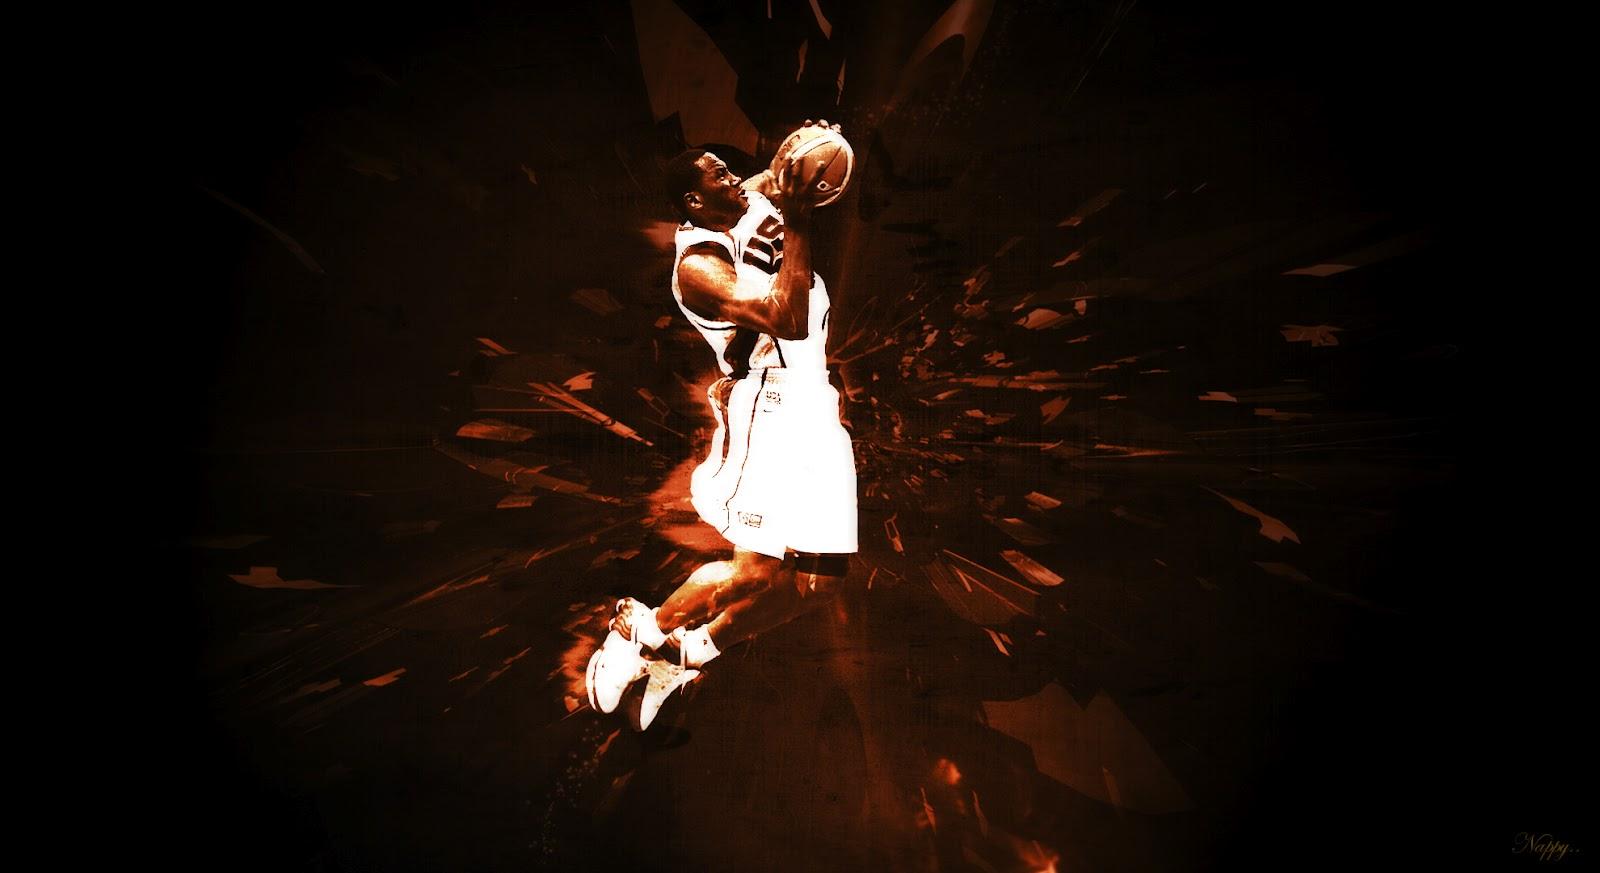 Basketball Iphone Wallpaper 1600x873